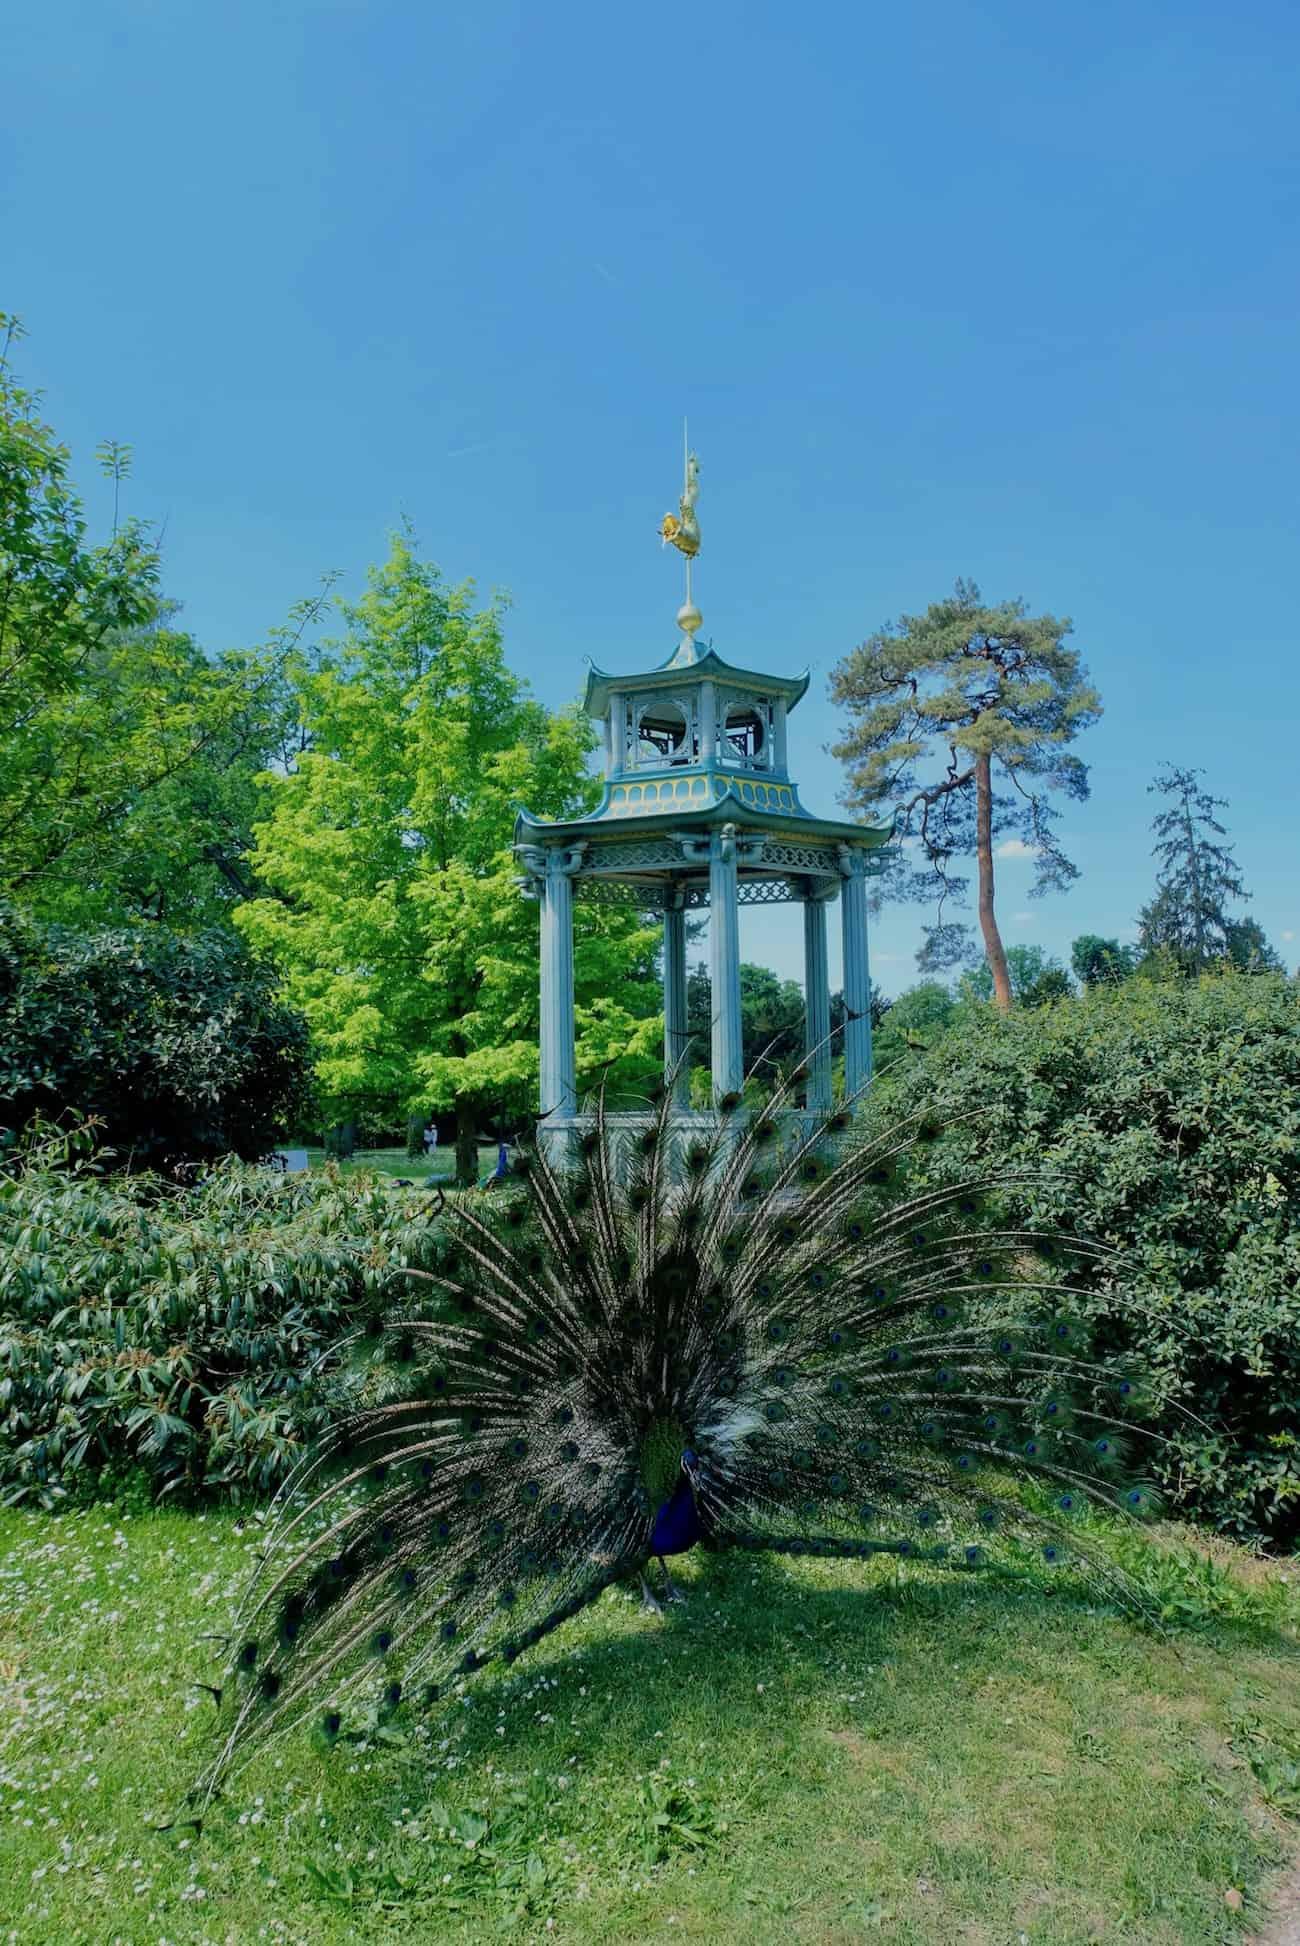 jardin-bagatelle-paris16e-boulogne-beau-jardin-parc